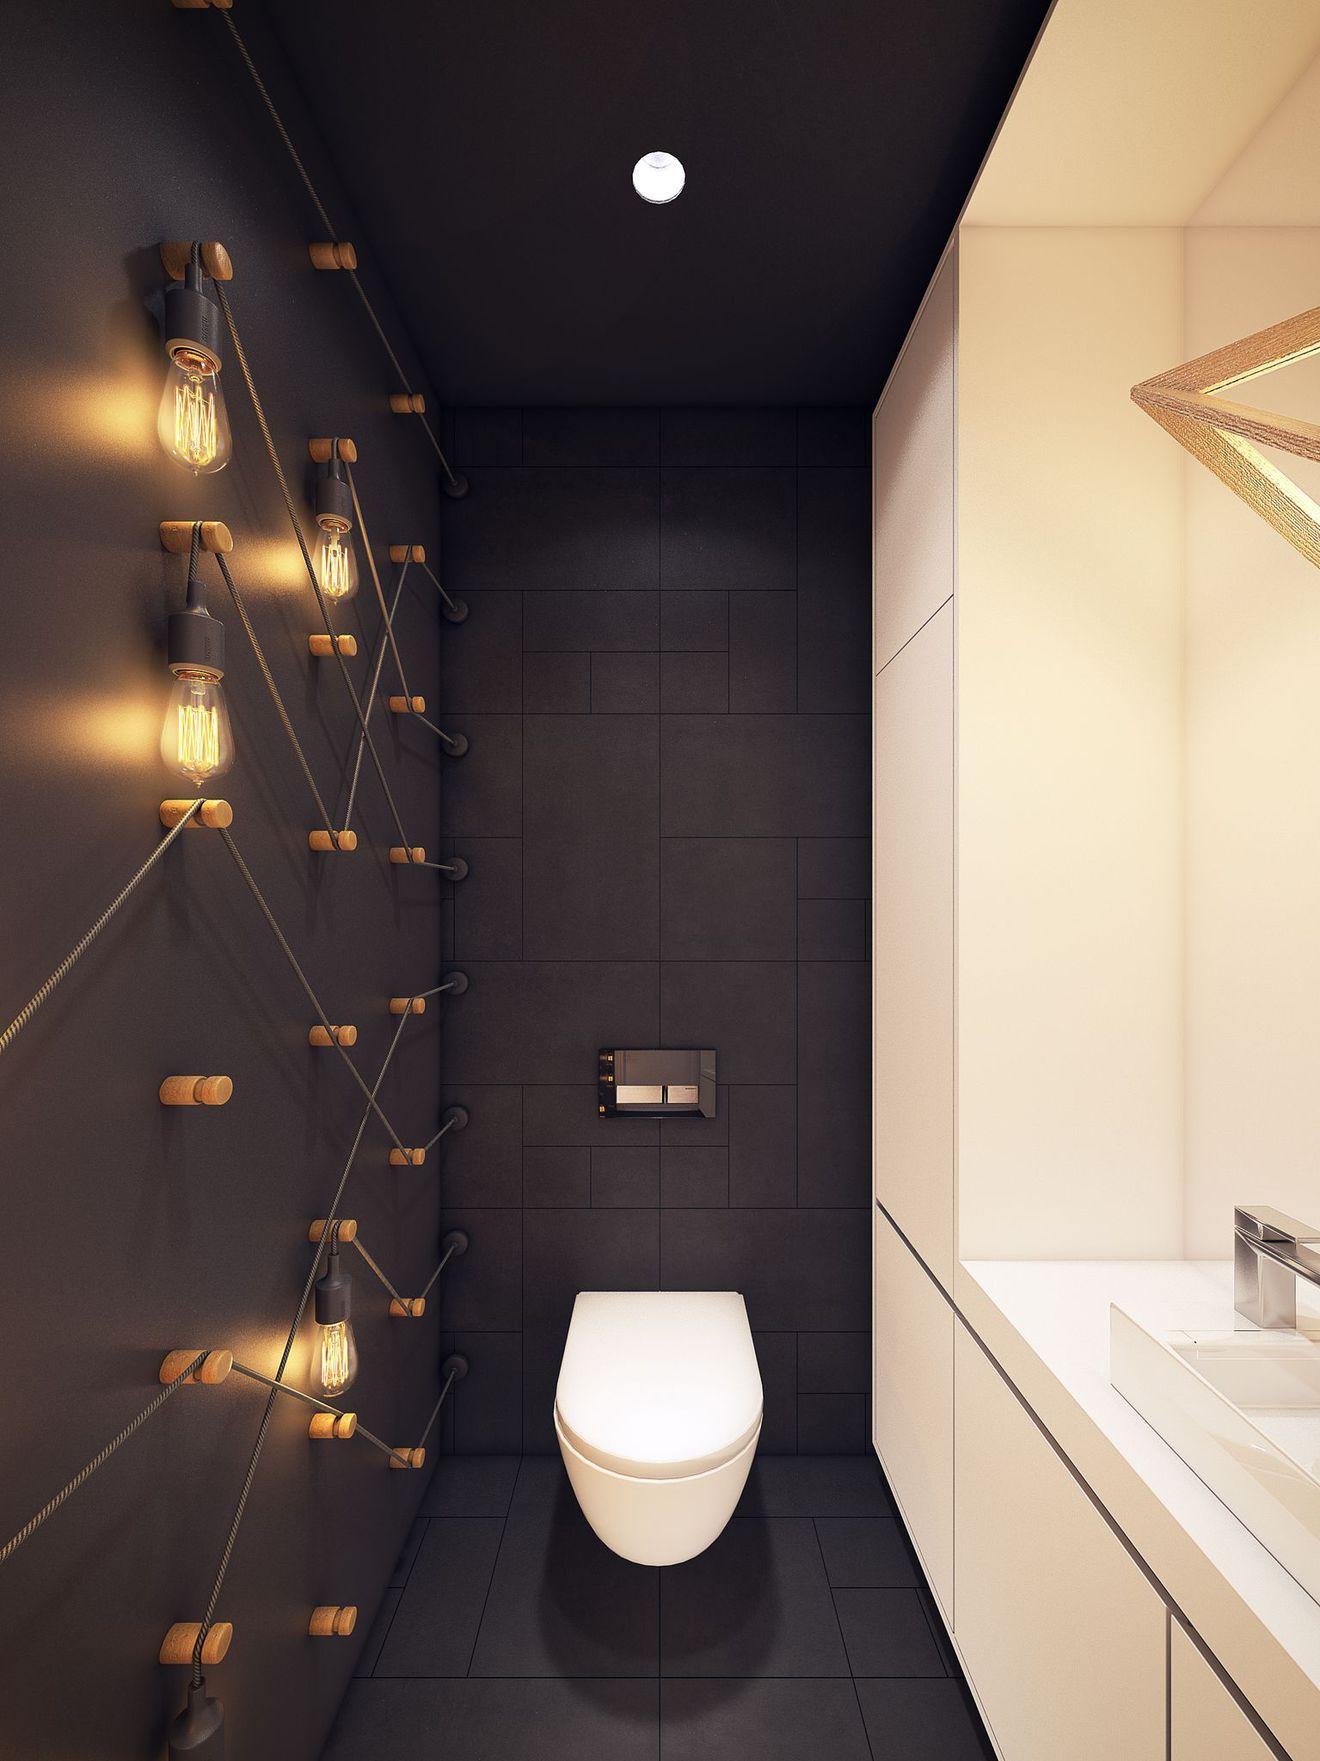 D co toilettes originales wc d co toilettes d coration toilettes et deco toilettes originales - Decoration wc originale ...